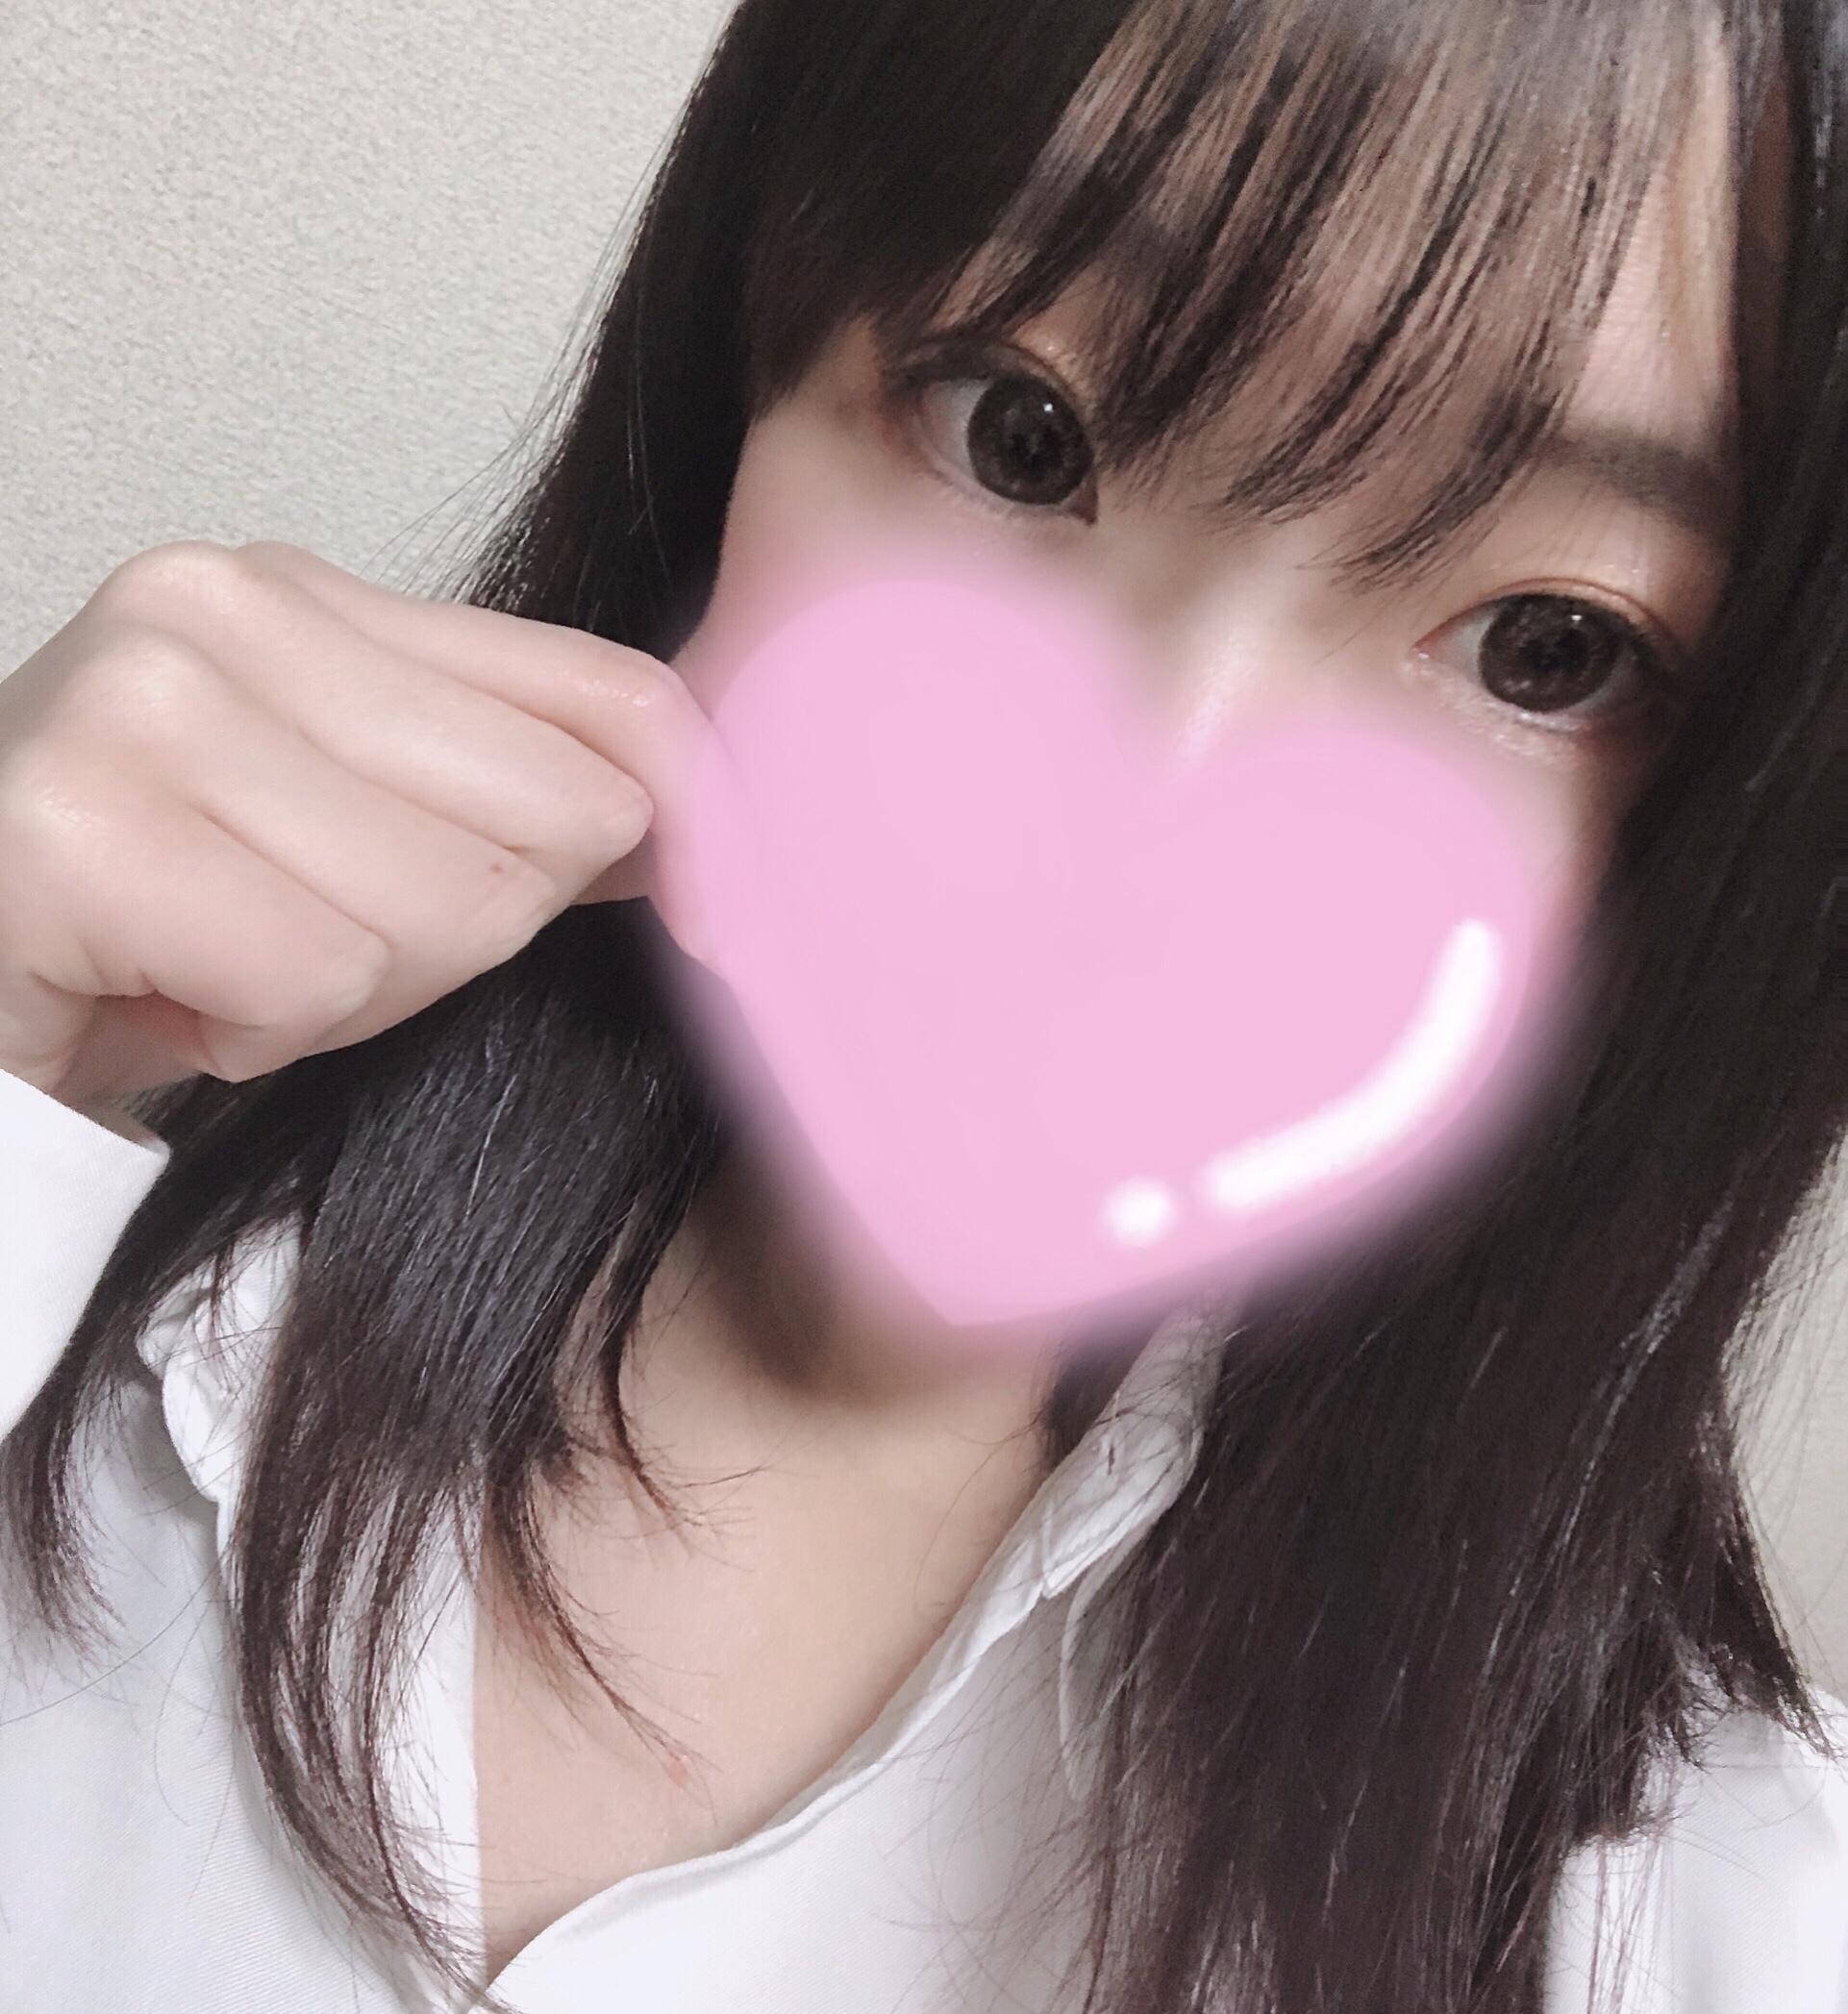 「20日来てくださった方」03/21(木) 19:27 | あみちゃんの写メ・風俗動画